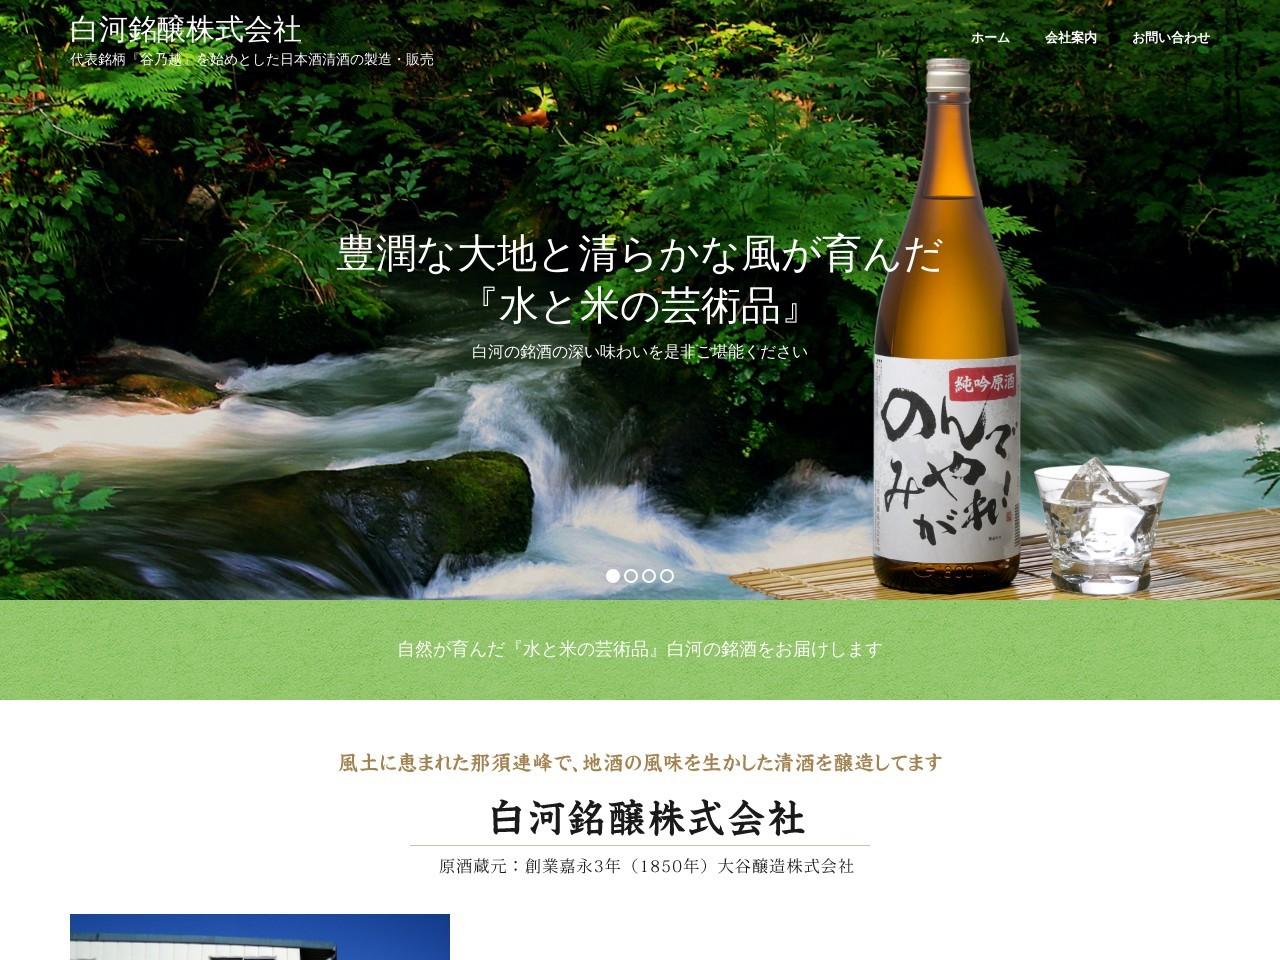 白河銘醸株式会社 | 日本酒清酒の製造・販売